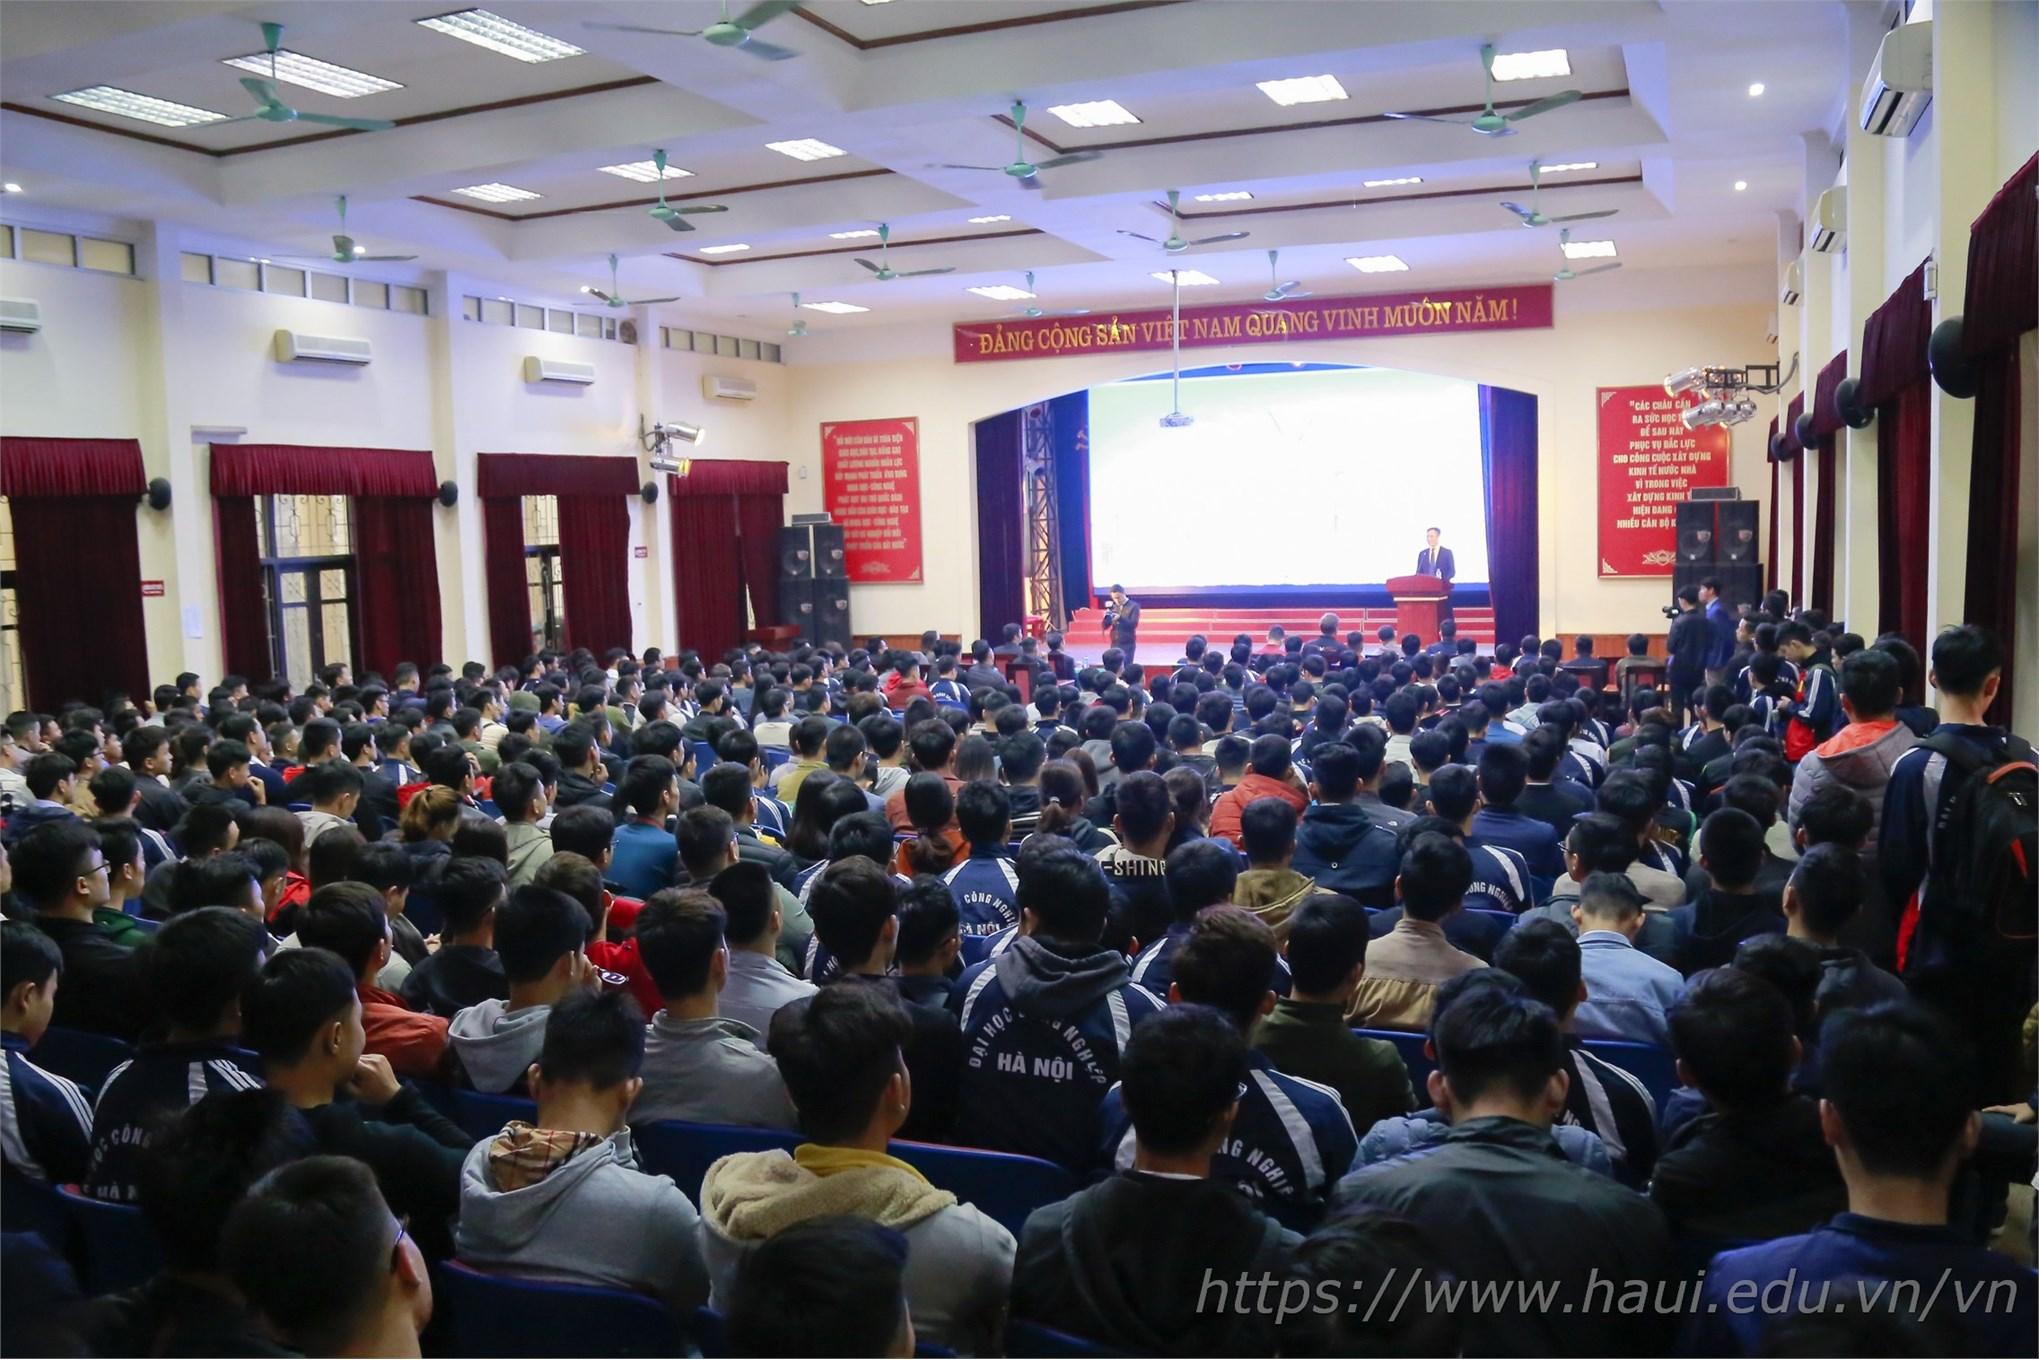 Hội thảo tuyển dụng và đào tạo thực tập sinh kỹ thuật cho sinh viên HaUI tại công ty VinFast